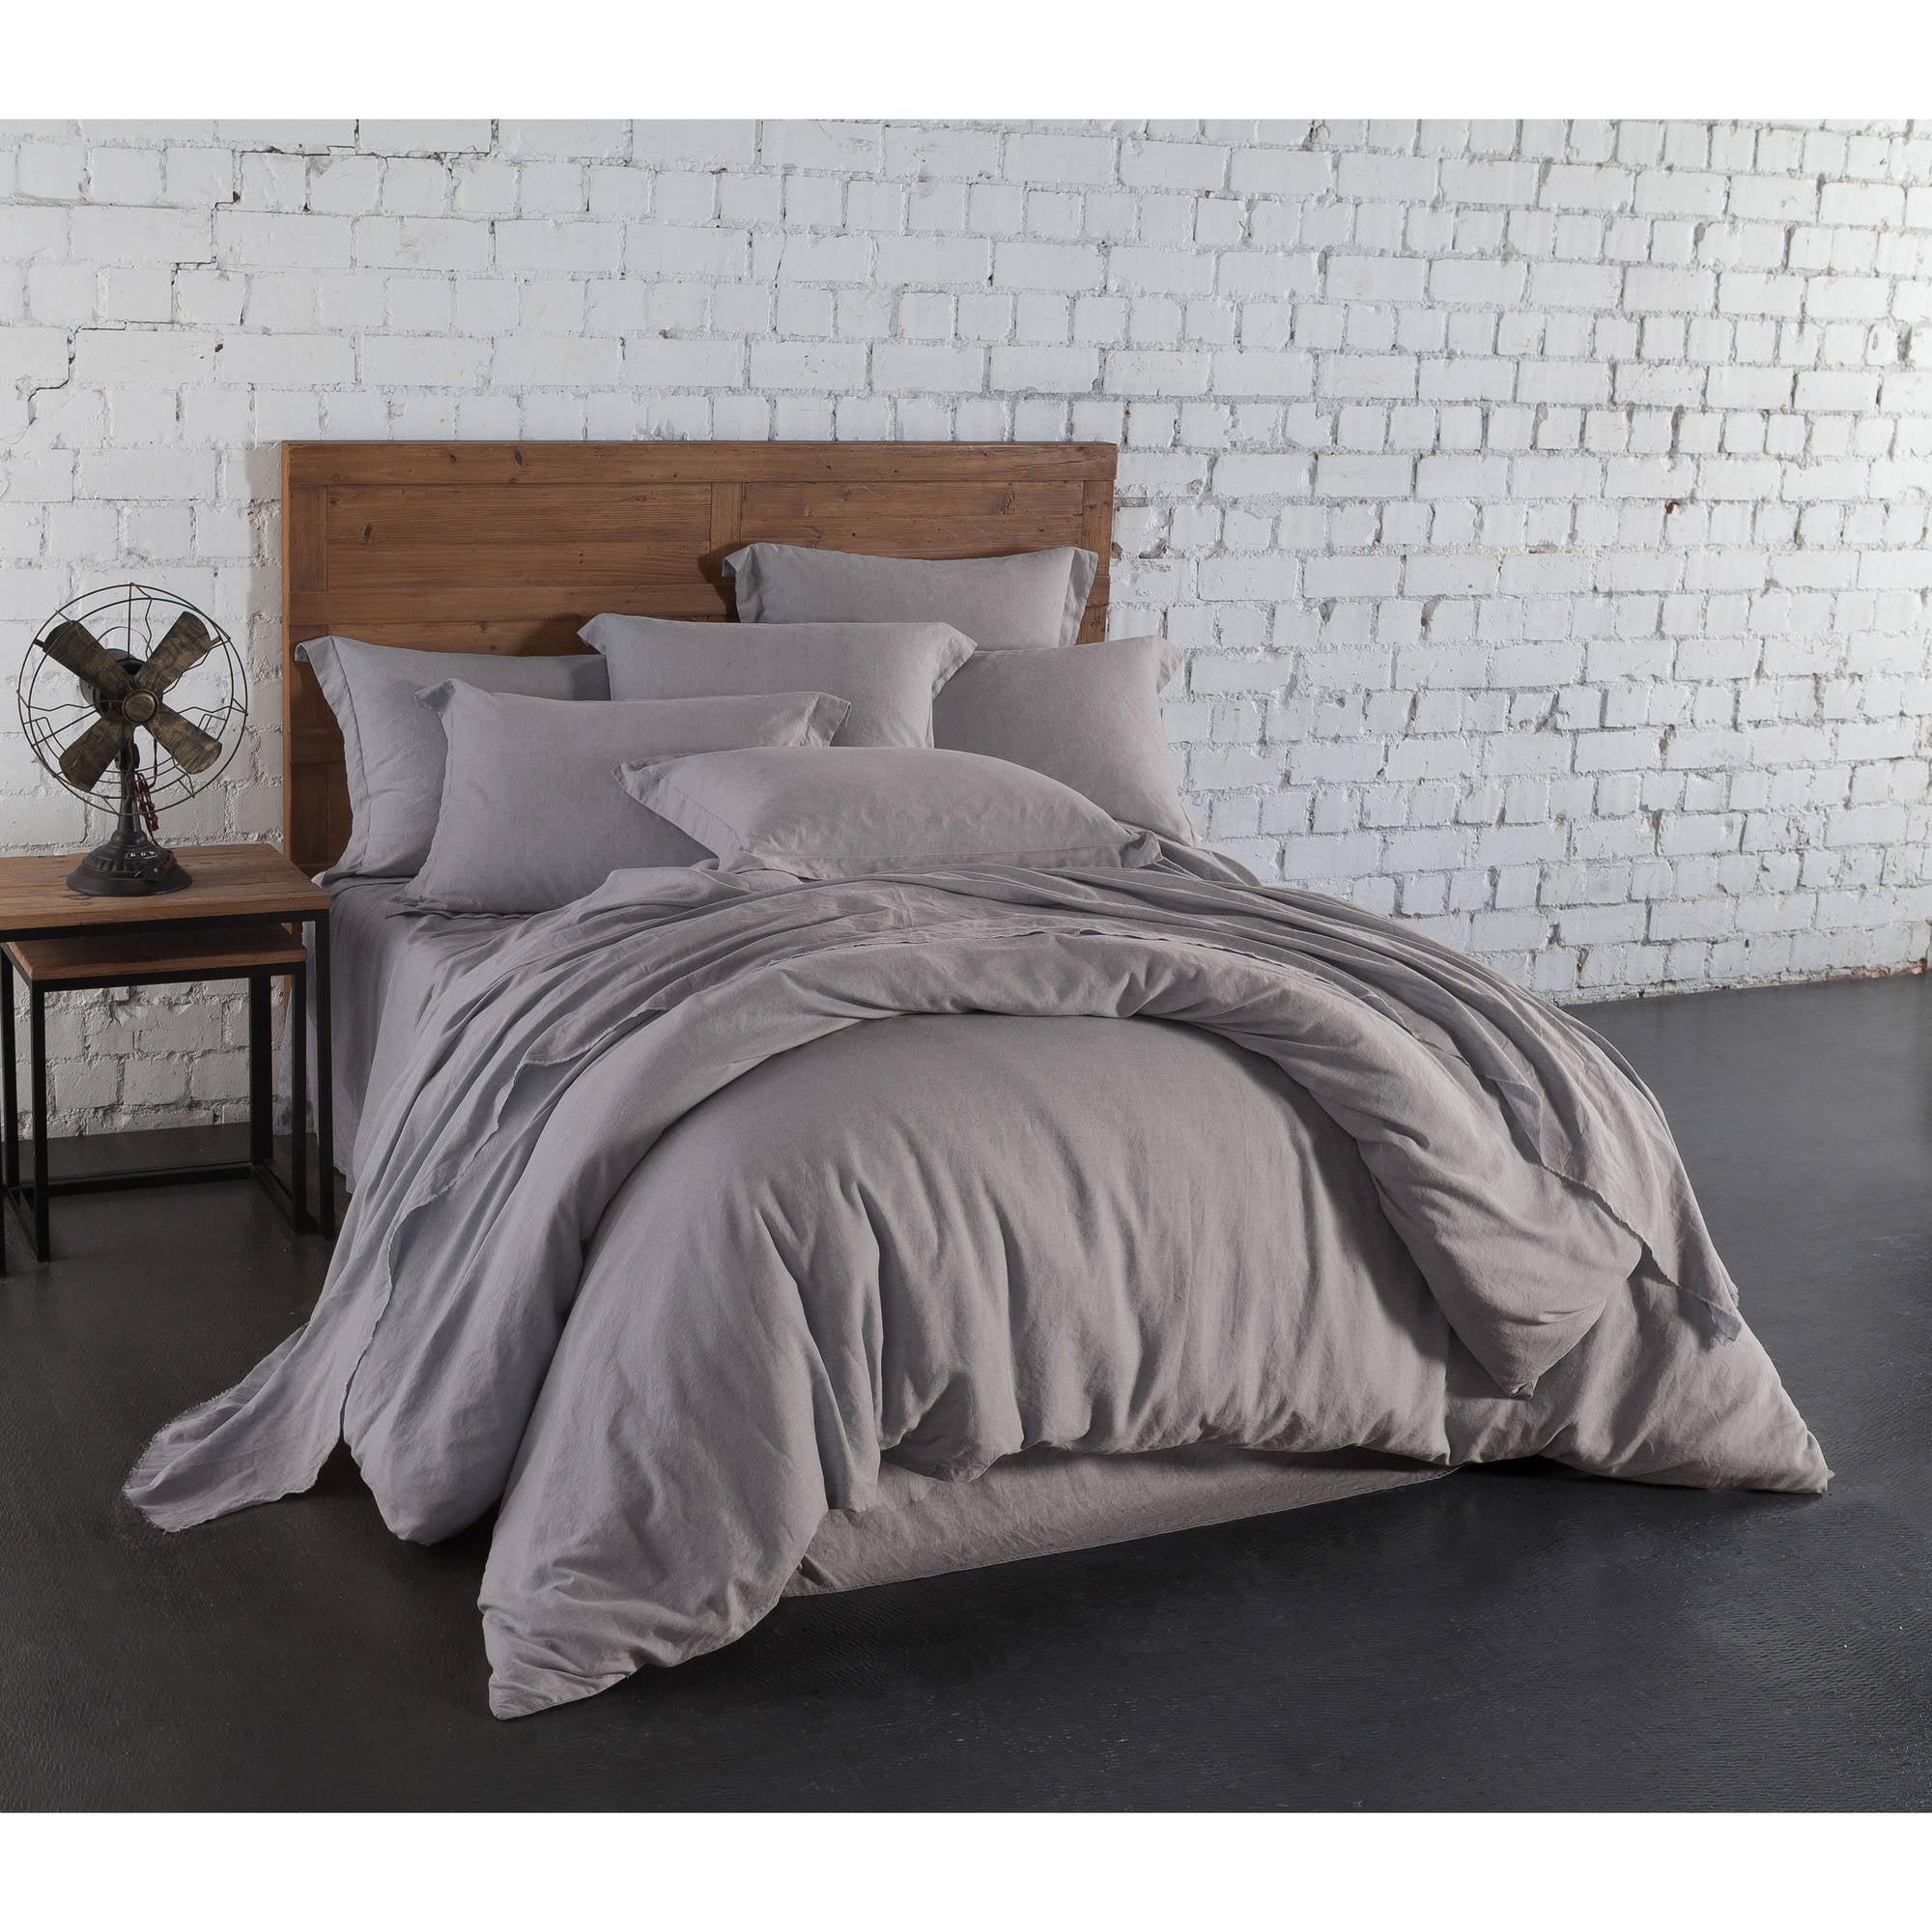 Washed Linen Cotton Blend Sheet Set